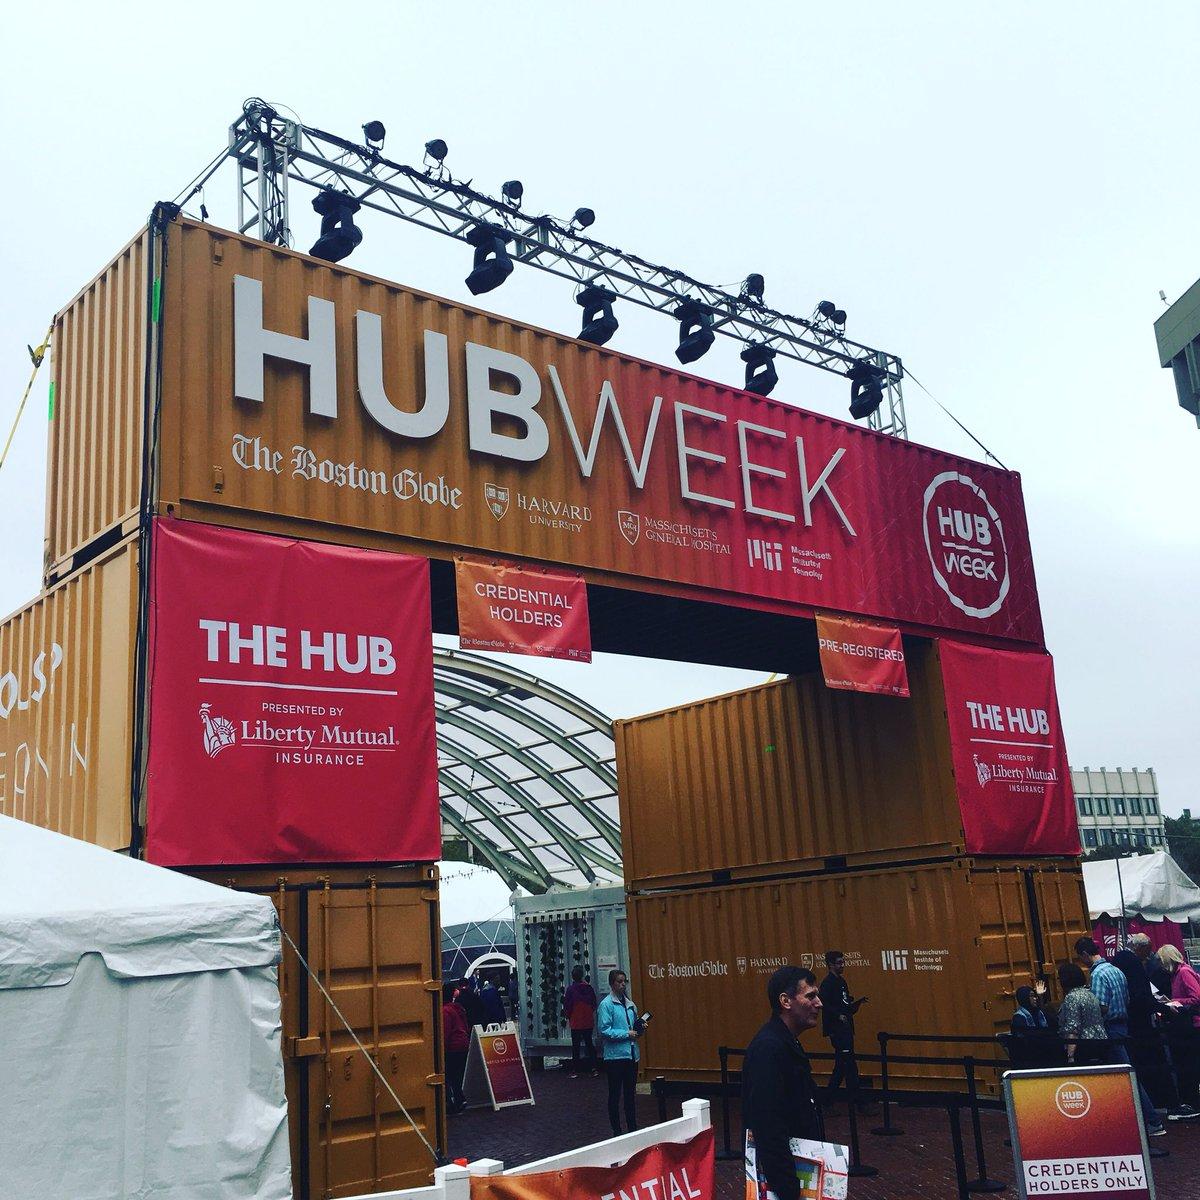 #HUBweek